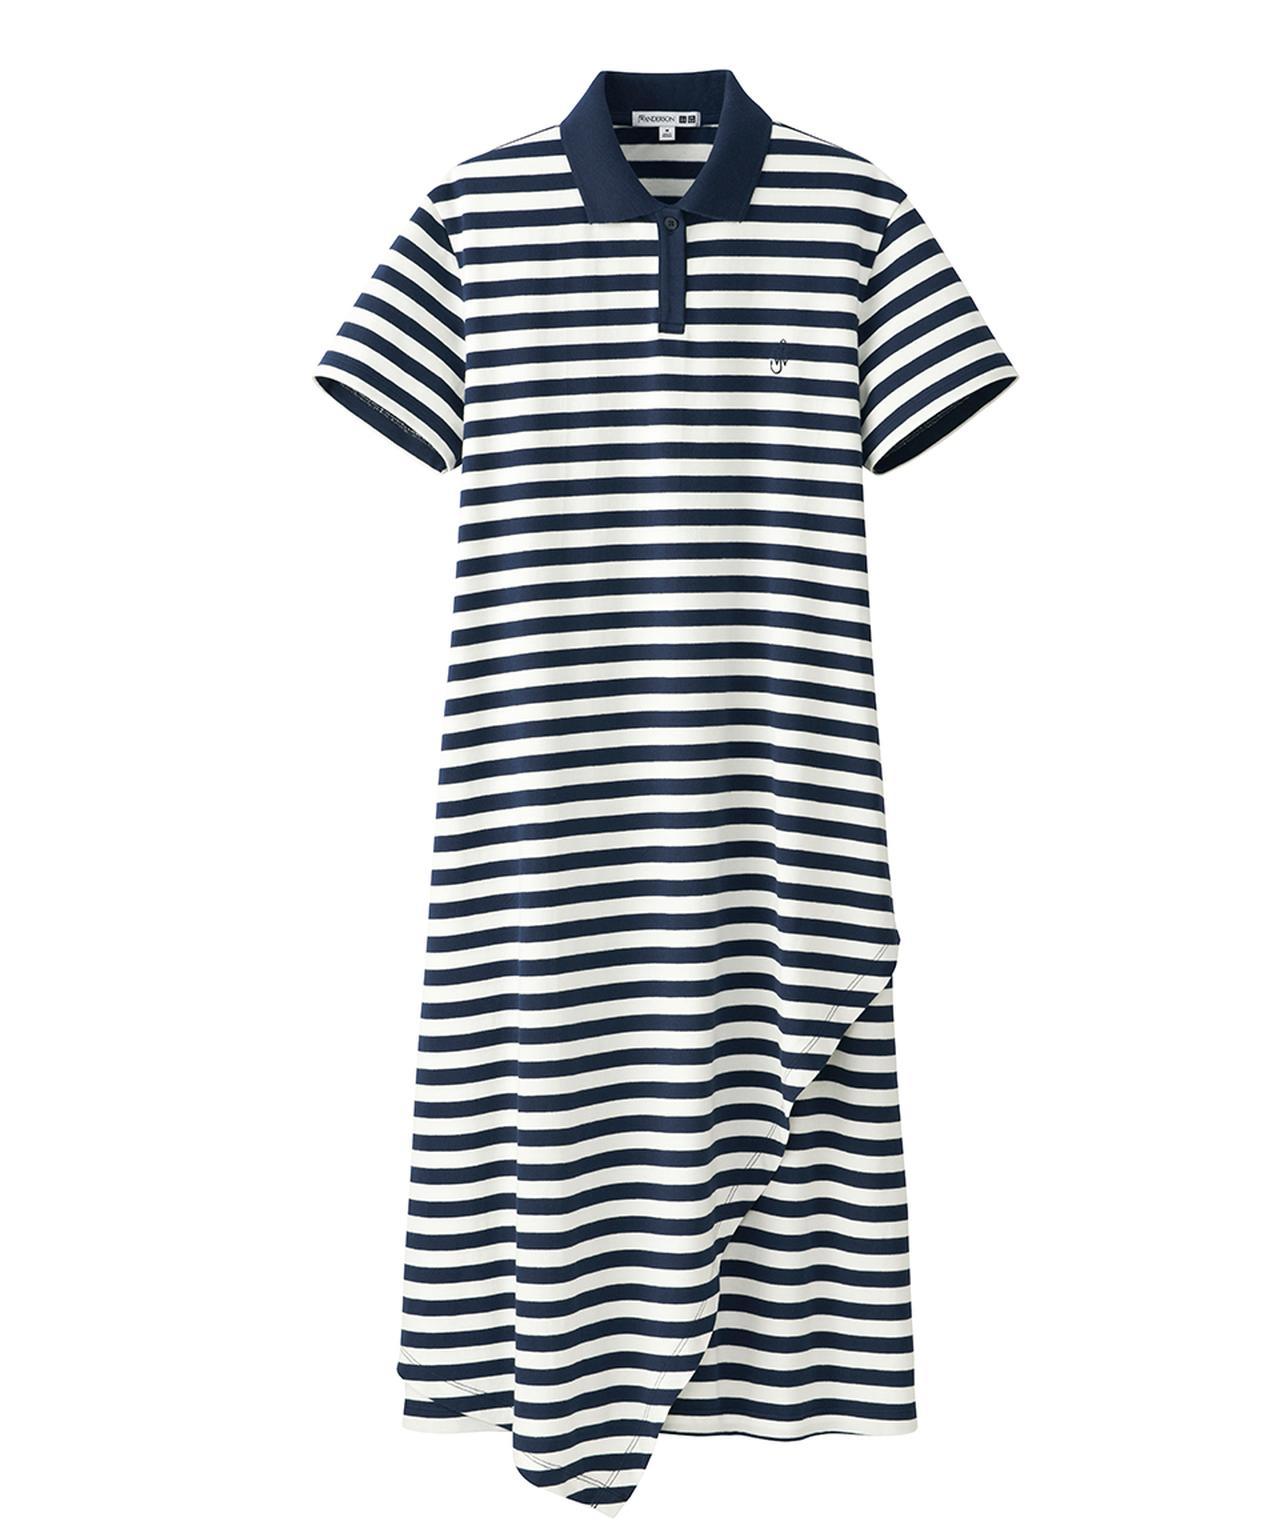 """Images : 4番目の画像 - 「ジョナサン・アンダーソンが """"普通の服""""を作る理由」のアルバム - T JAPAN:The New York Times Style Magazine 公式サイト"""